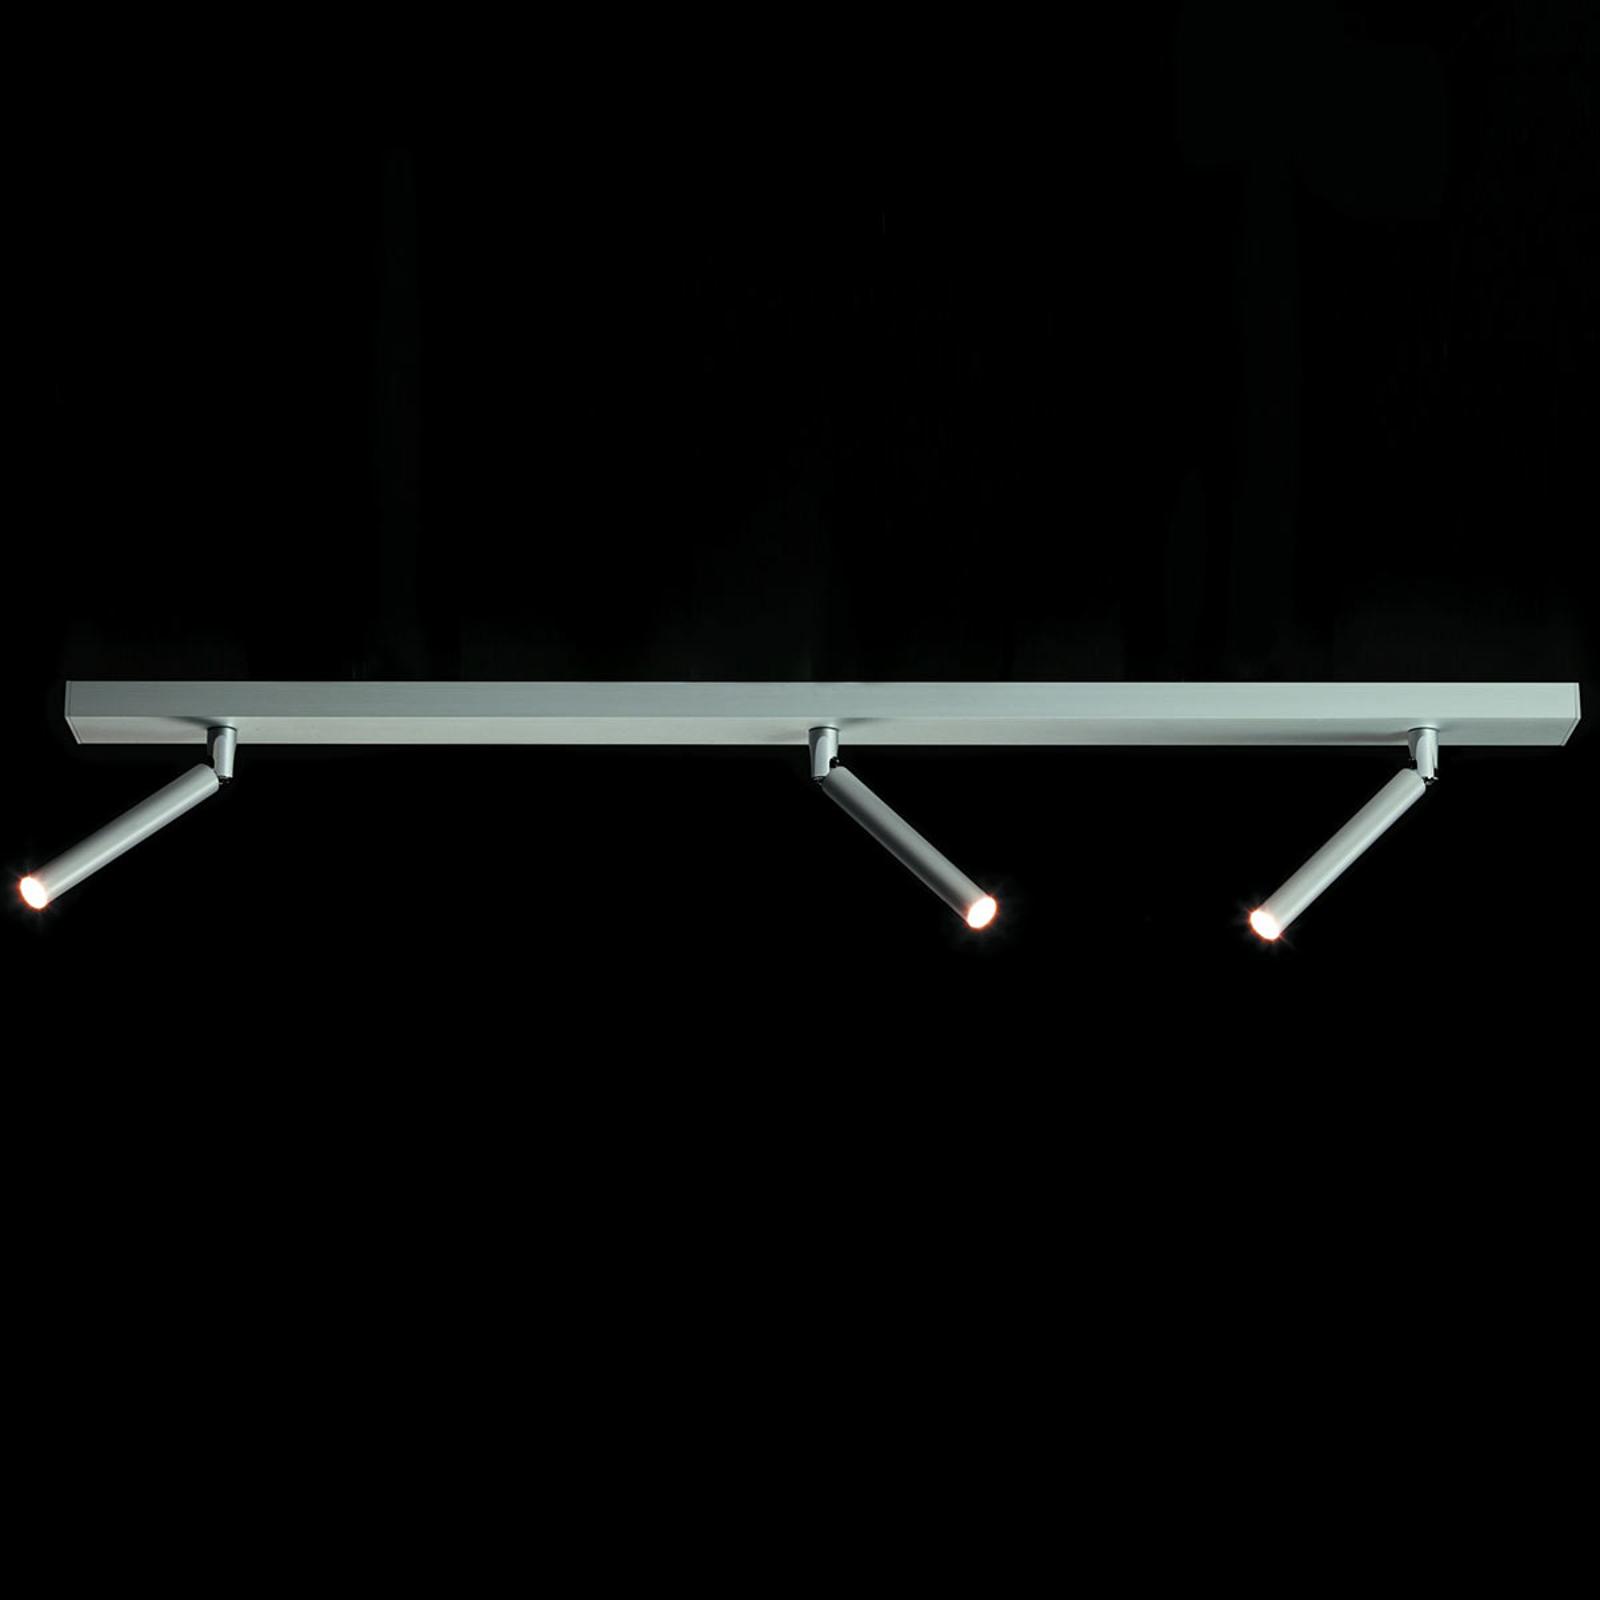 LDM Eccoled Spot Trio faretto LED, alluminio